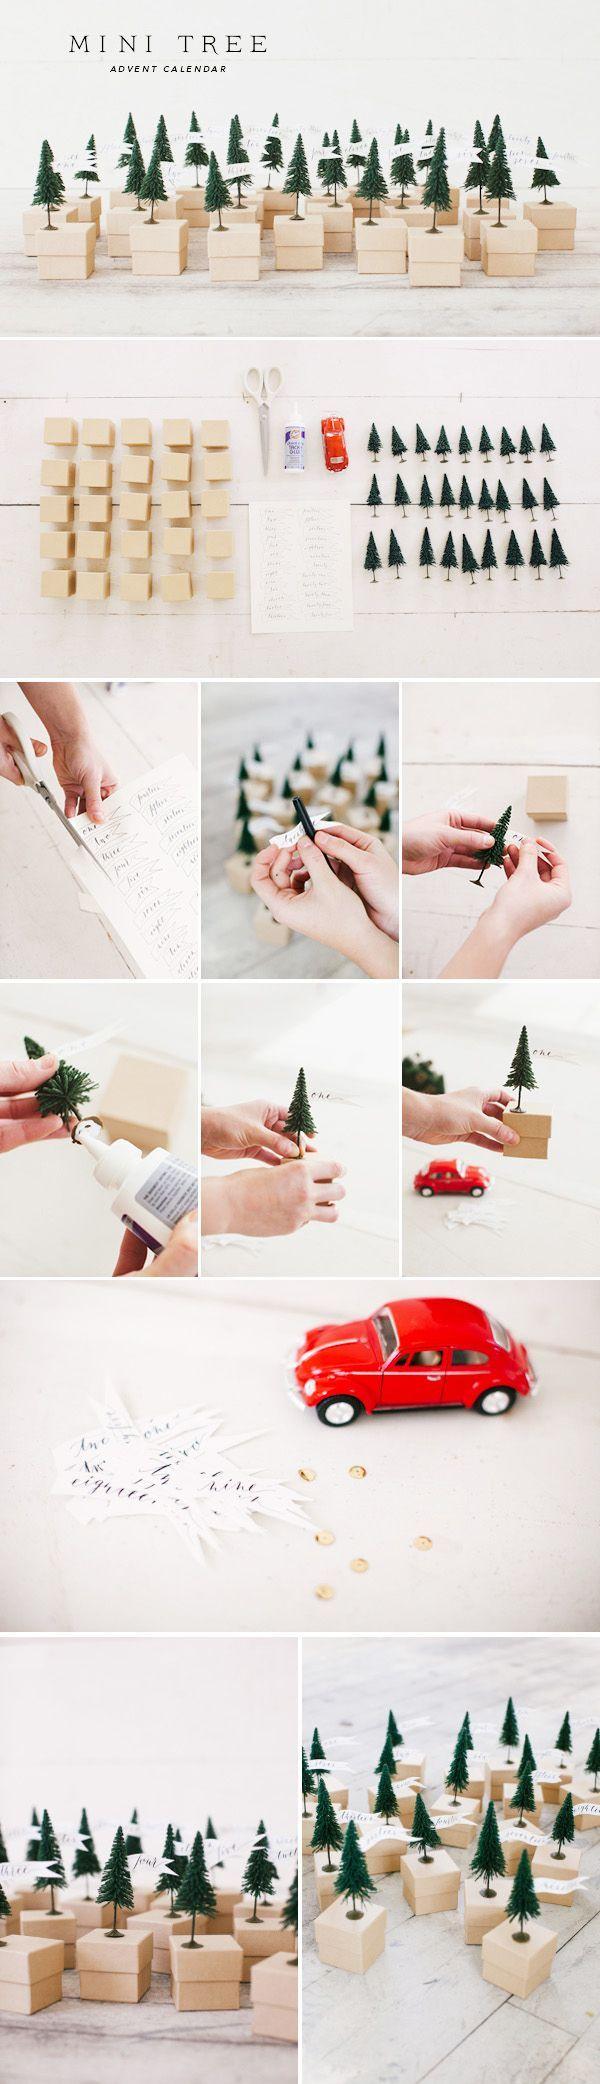 adventskalender basteln ideen mini boxen weihnachtsbaum. Black Bedroom Furniture Sets. Home Design Ideas